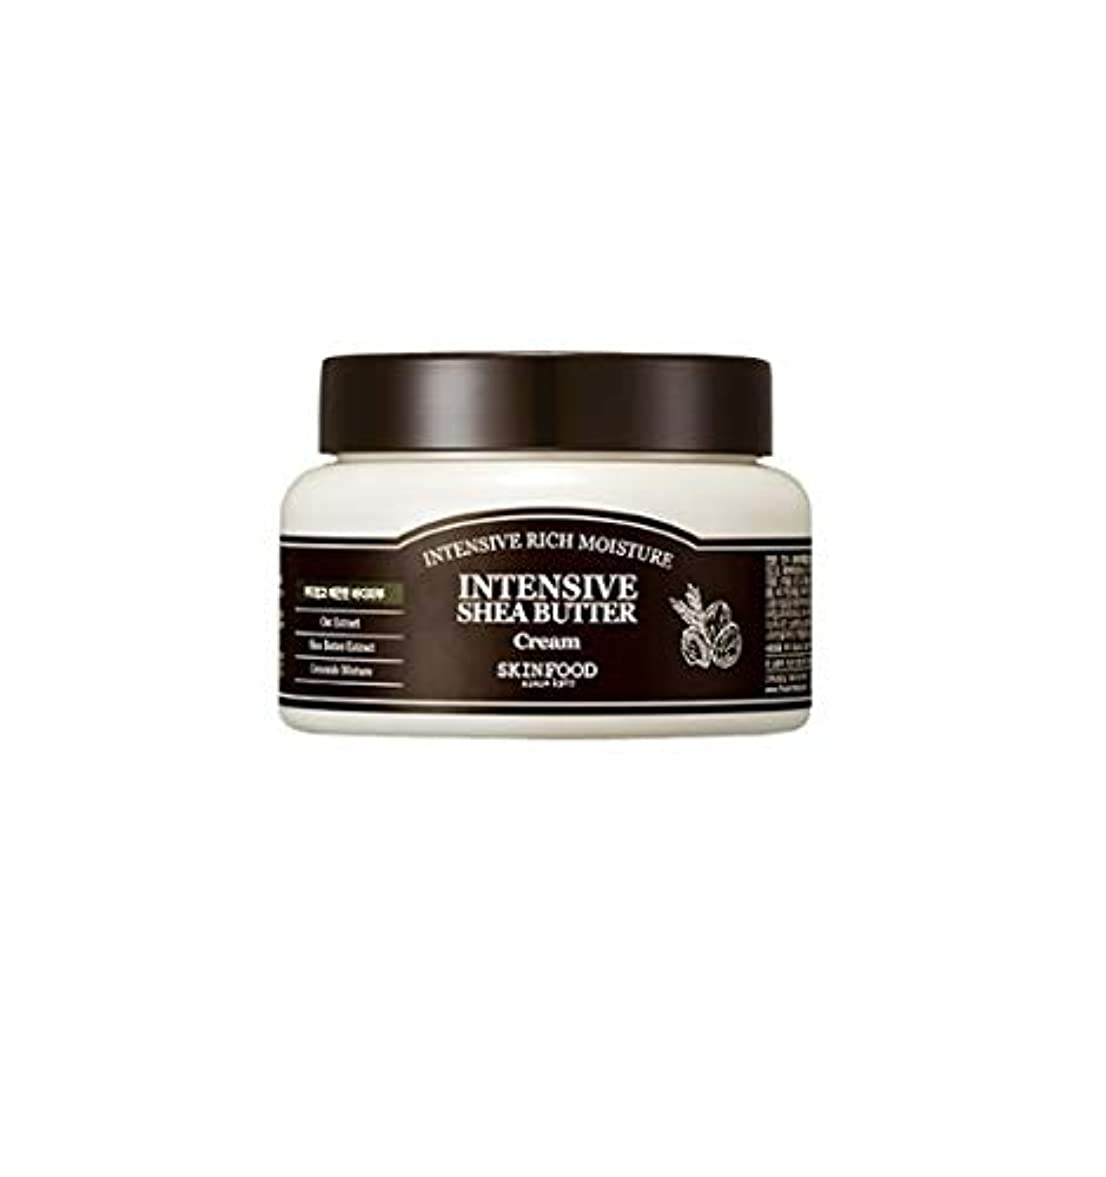 実験的分離するきつくSkinfood 集中シアバタークリーム/Intensive Shea Butter Cream 225ml [並行輸入品]